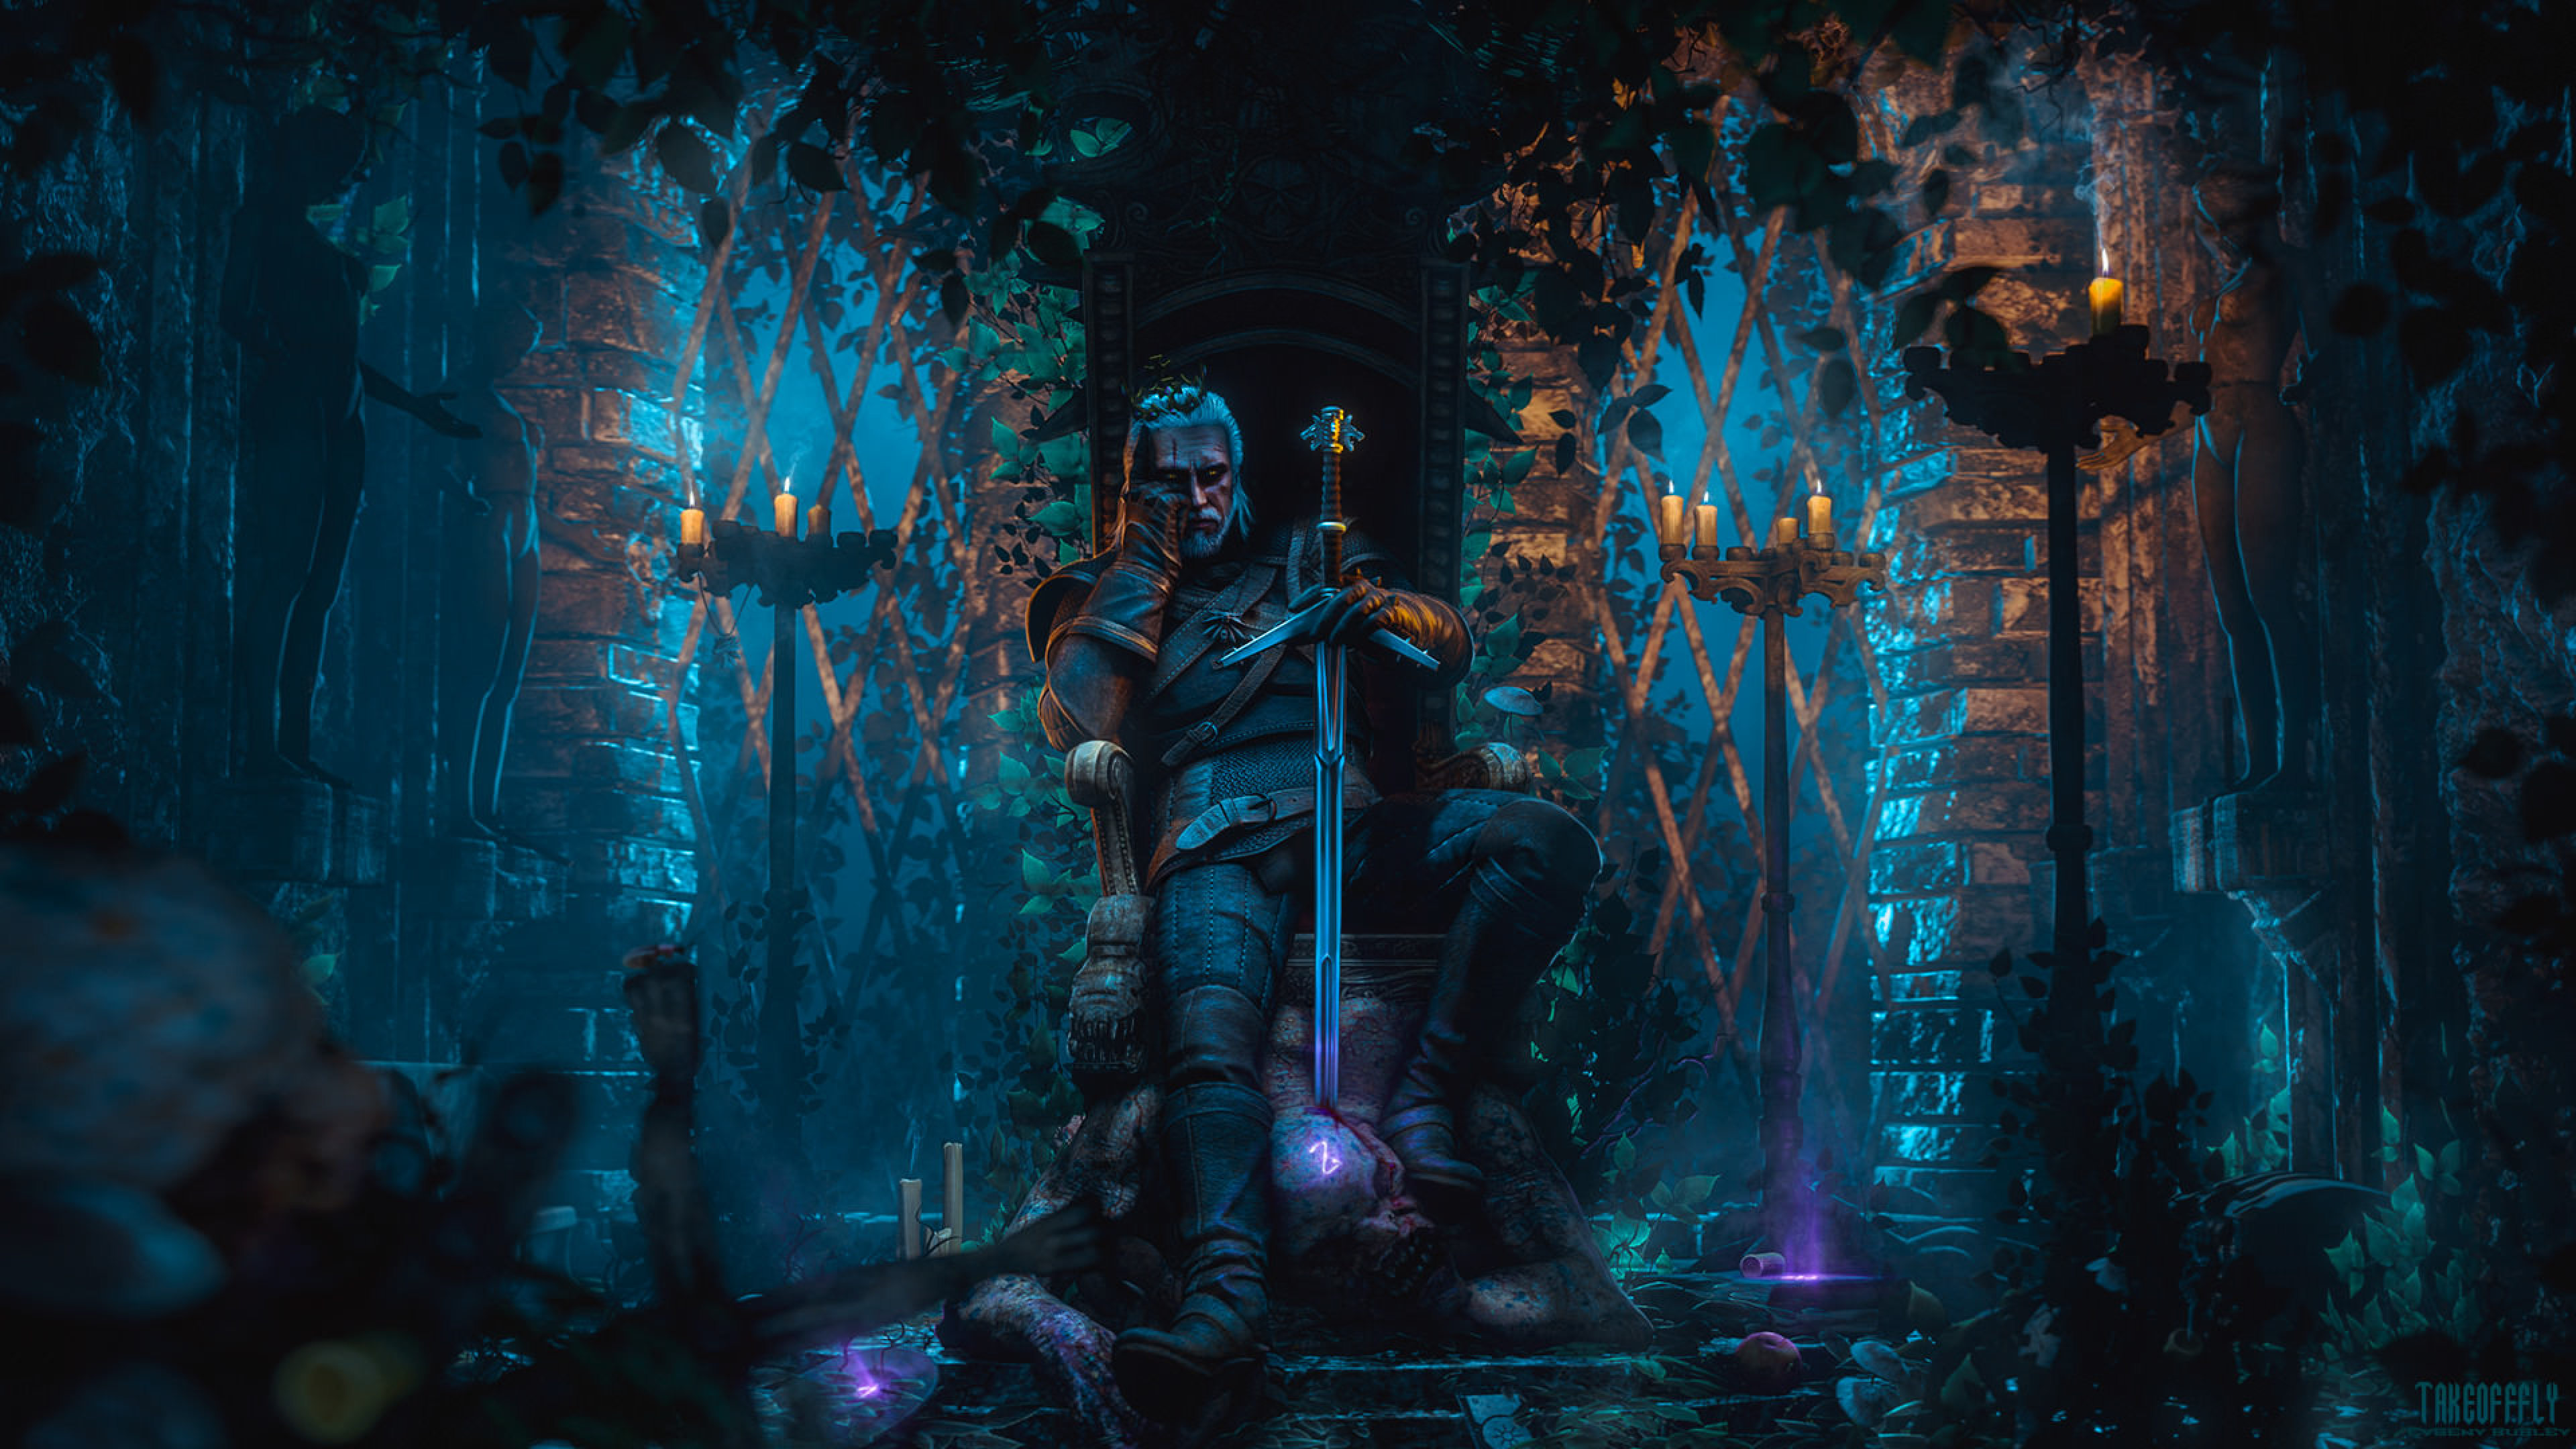 3840x2160 Geralt Of Rivia The Witcher 3 4k Wallpaper Hd